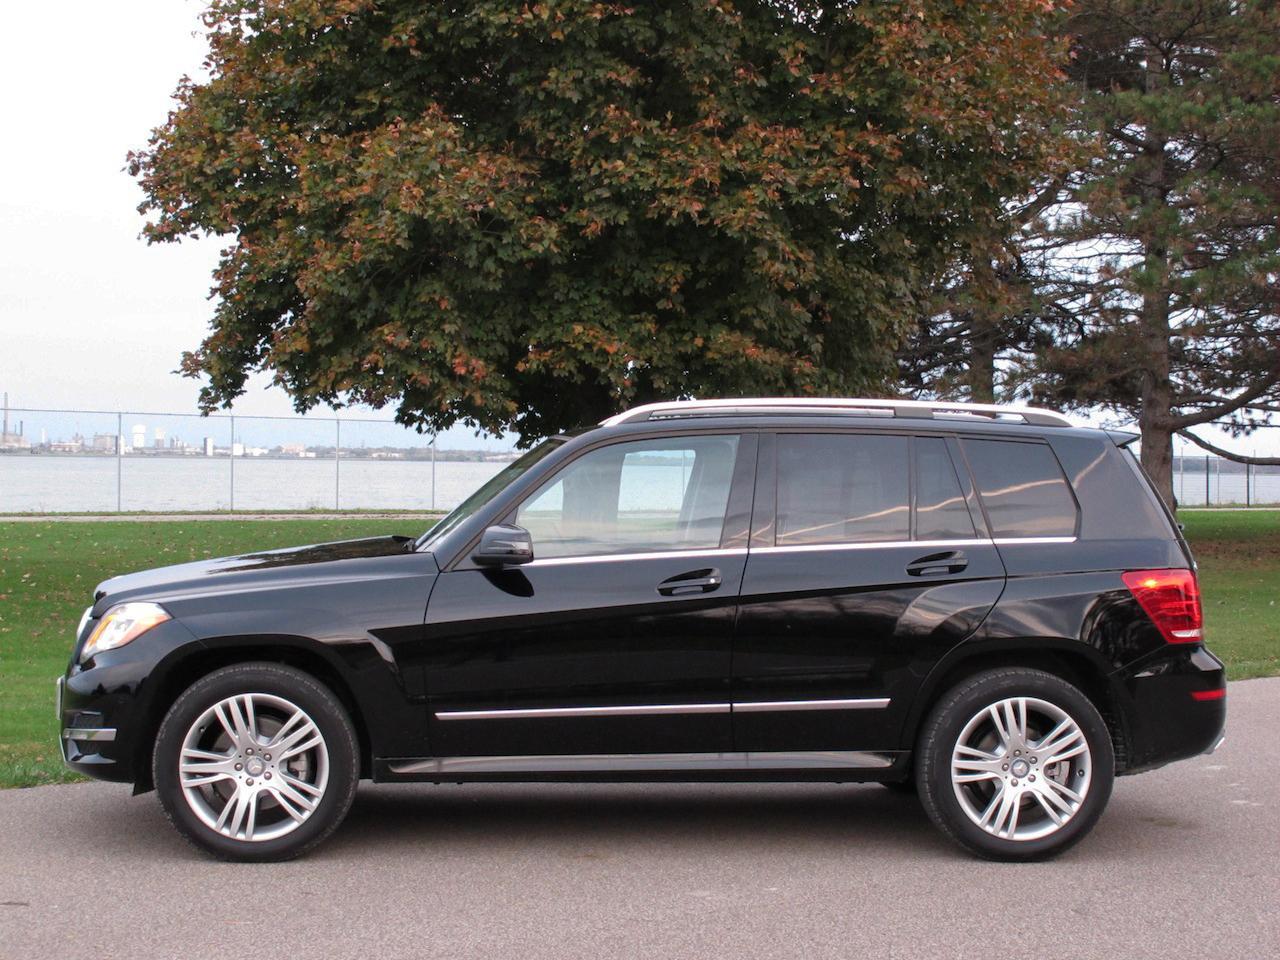 2014 mercedes benz glk250 bluetec review cars photos for Mercedes benz torrance ca